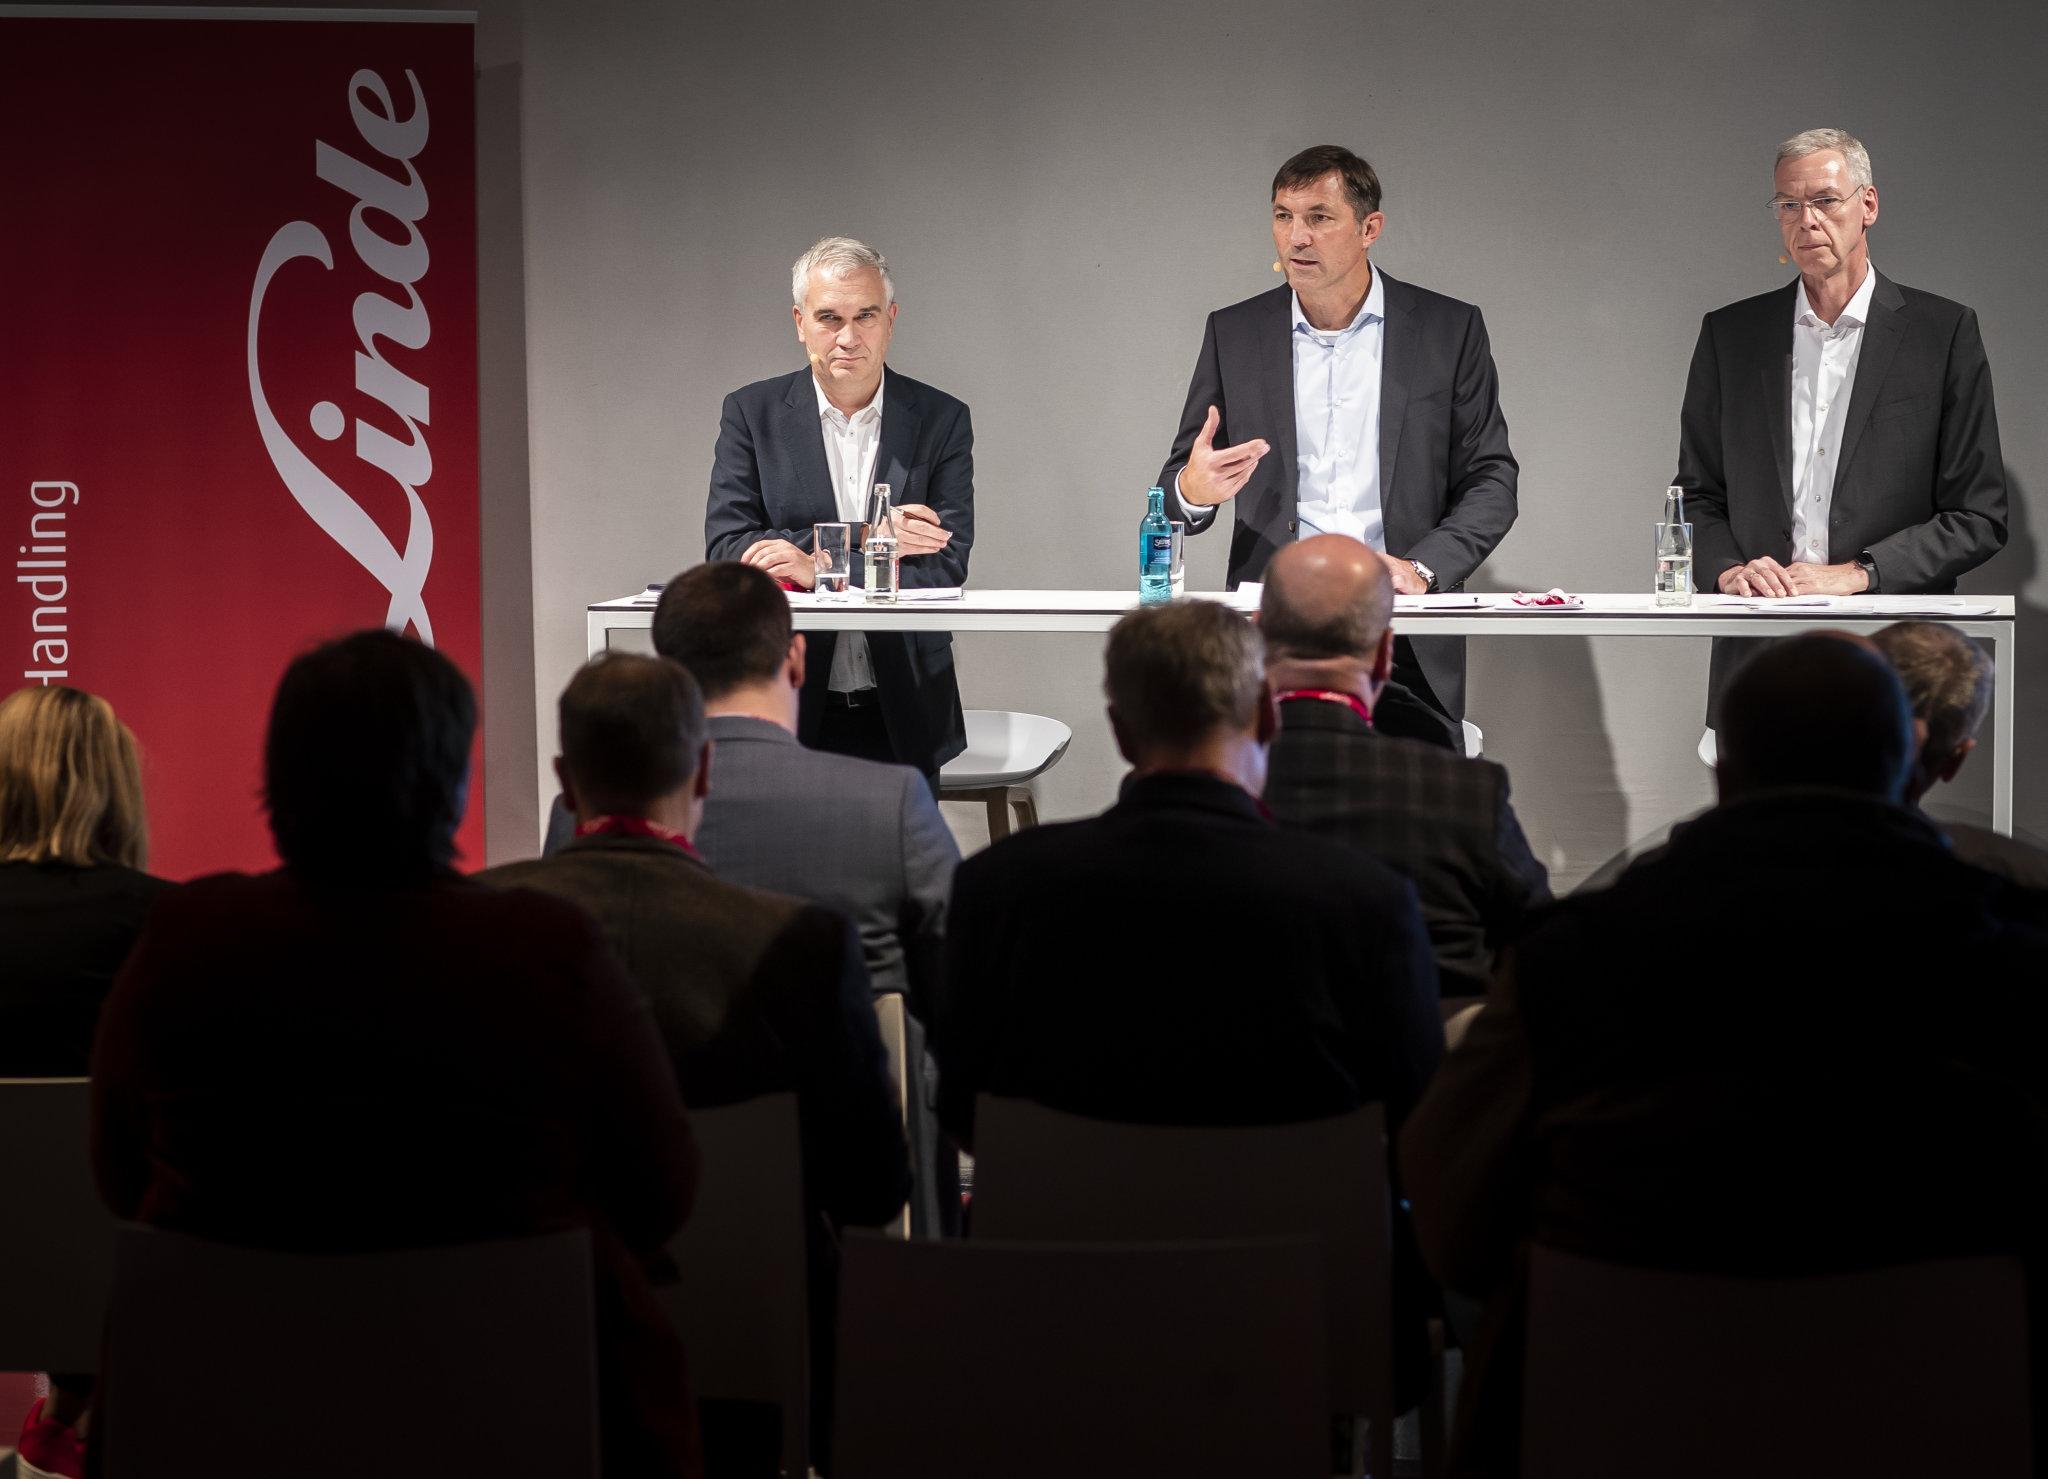 Andreas Krinninger, šéf Linde Material Handling, na tiskové konferenci nedaleko Berlína, kde firma koncem loňského roku představovala novou generaci vysokozdvižných vozíků.